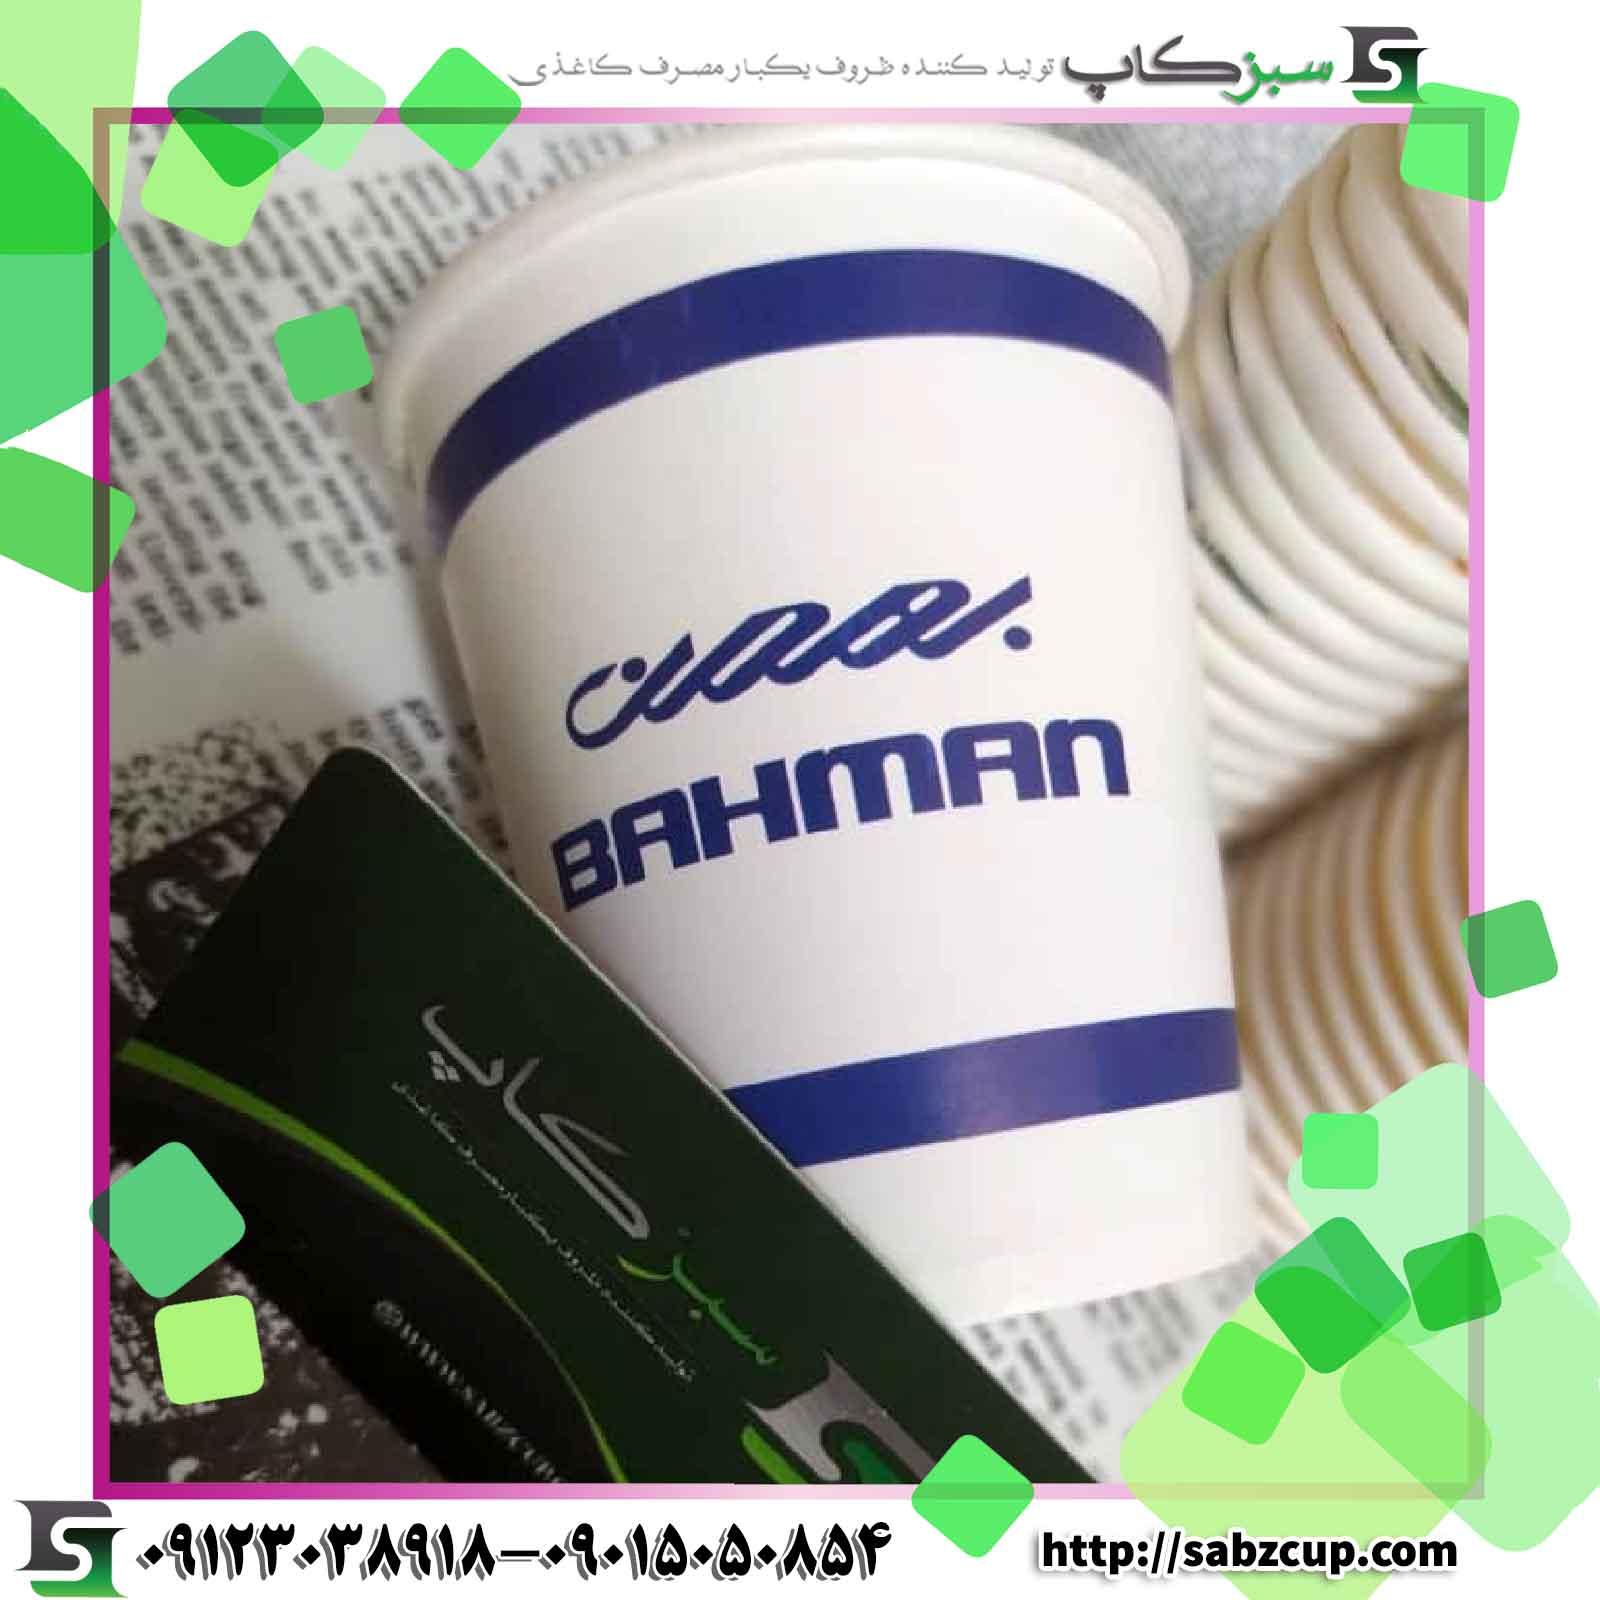 لیوان کاغذی تبلیغاتی بهمن